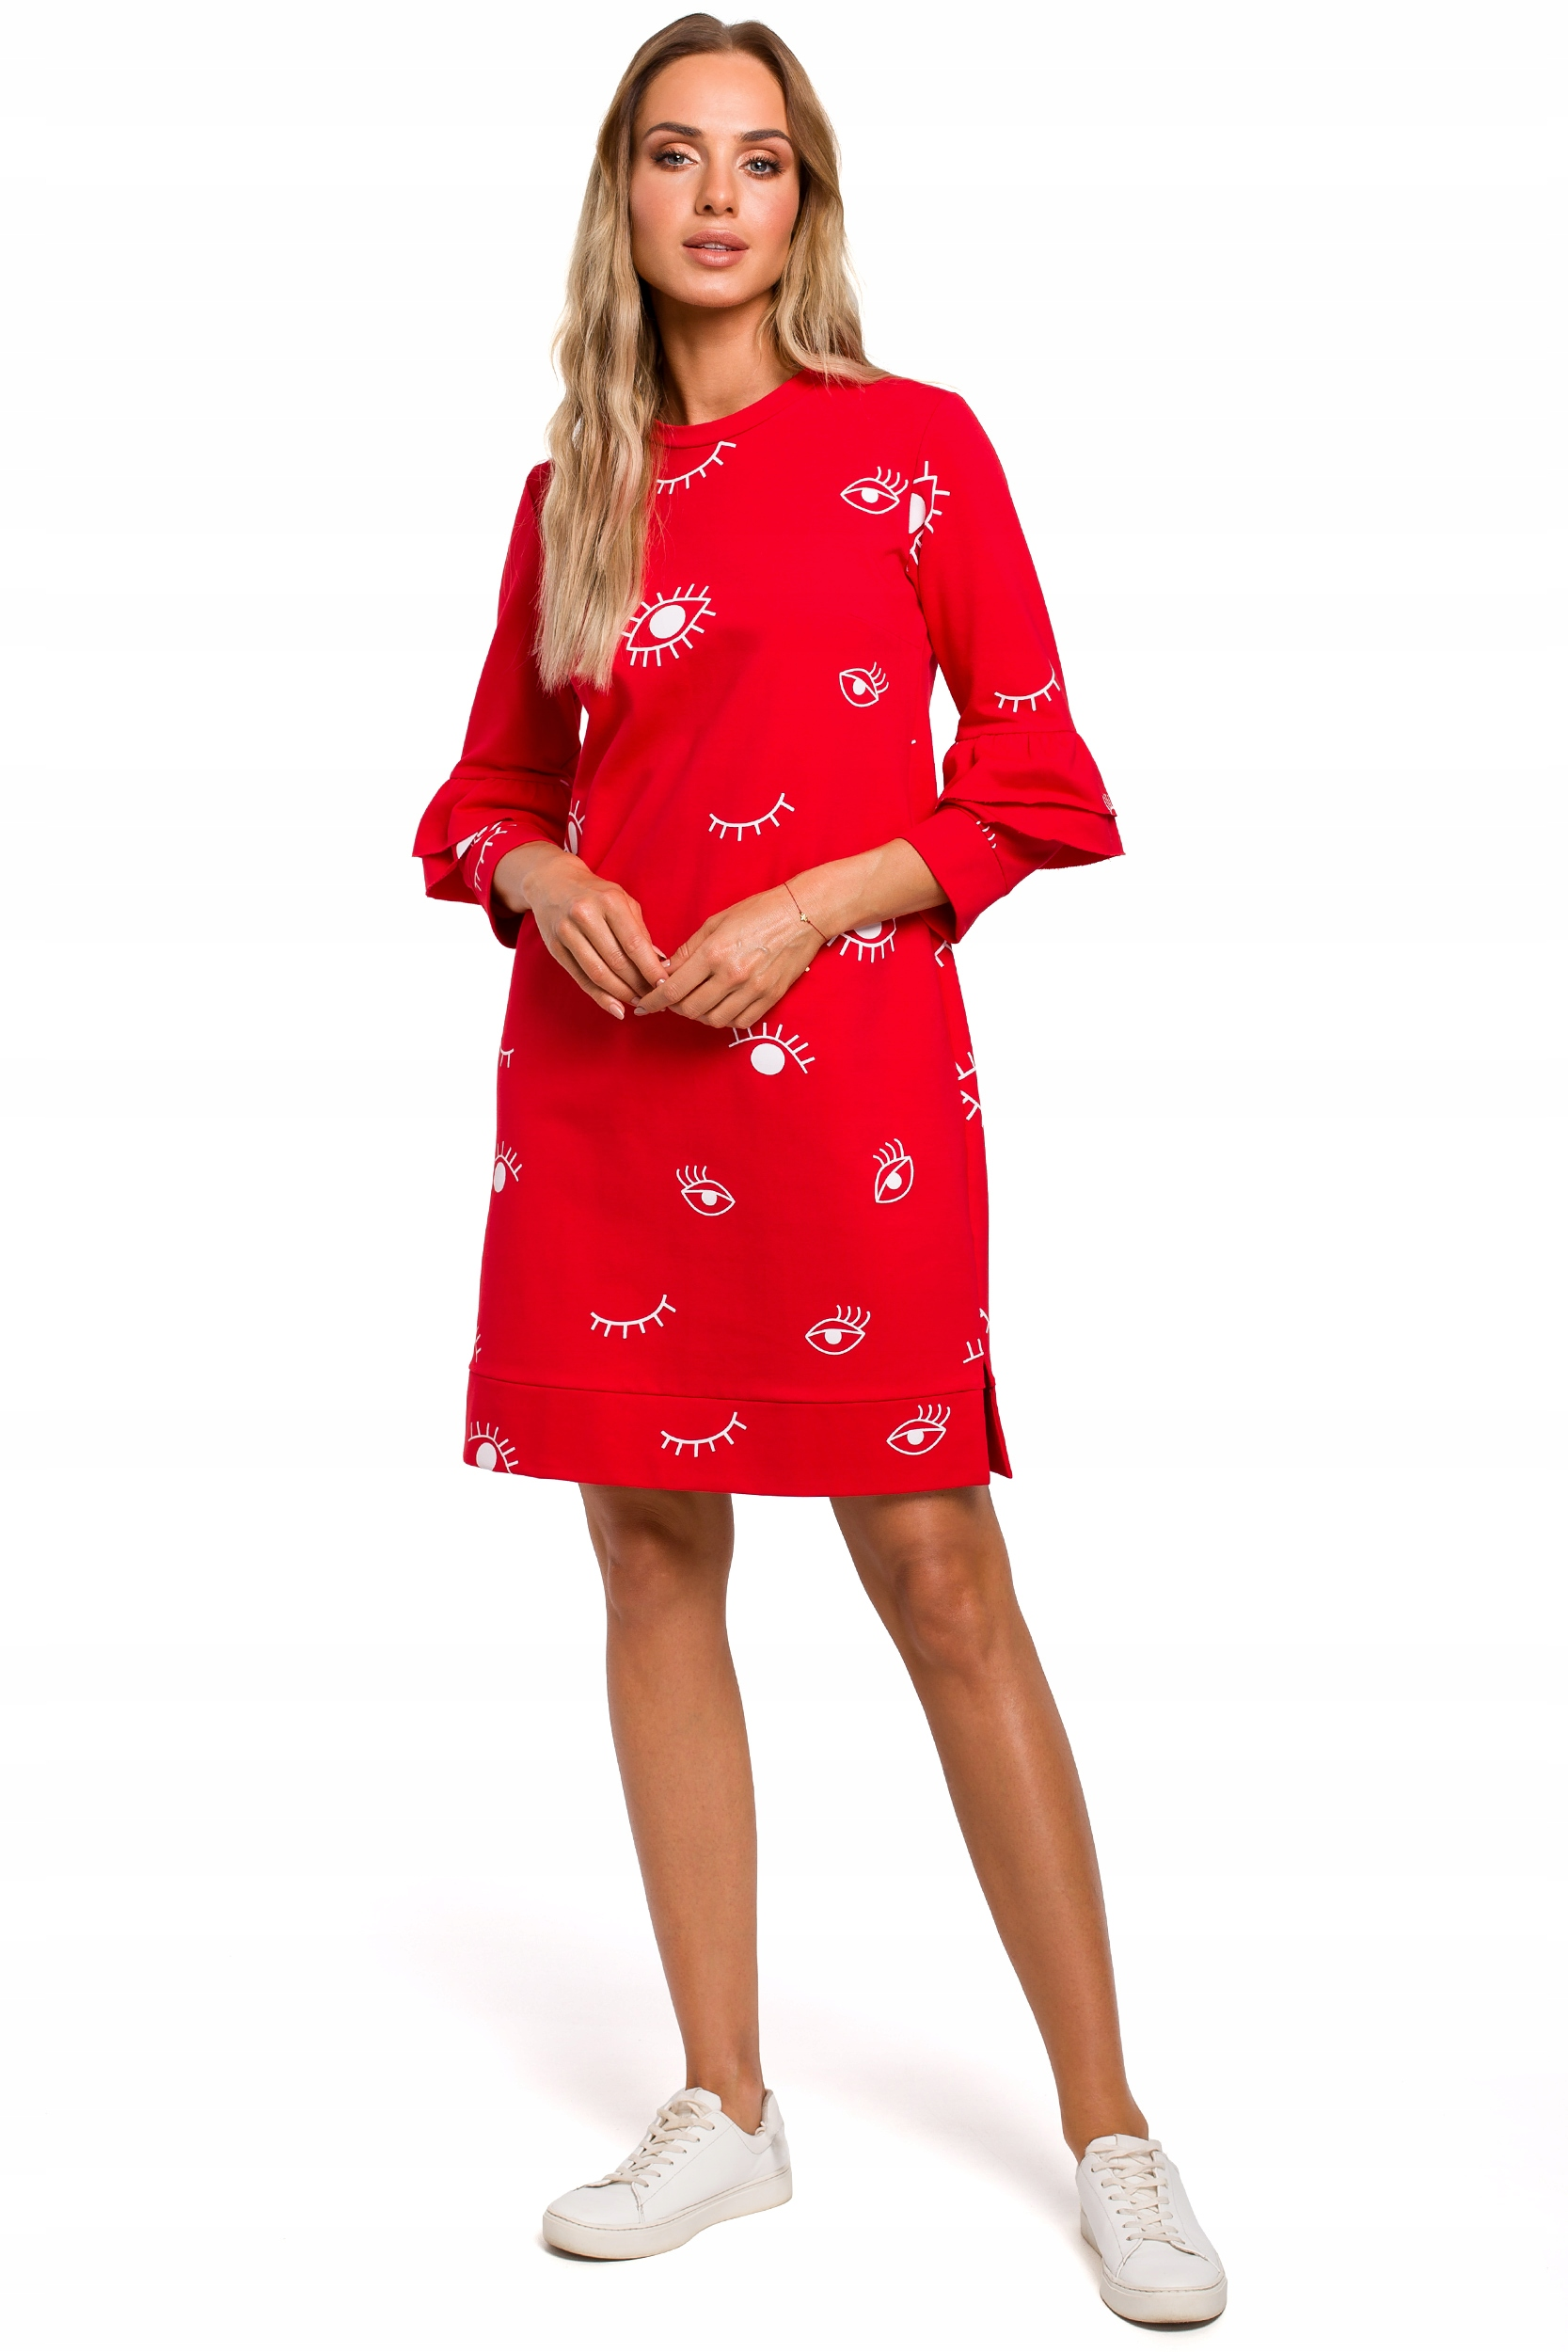 M445 Sukienka z falbankami przy rękawach 44 | XXL